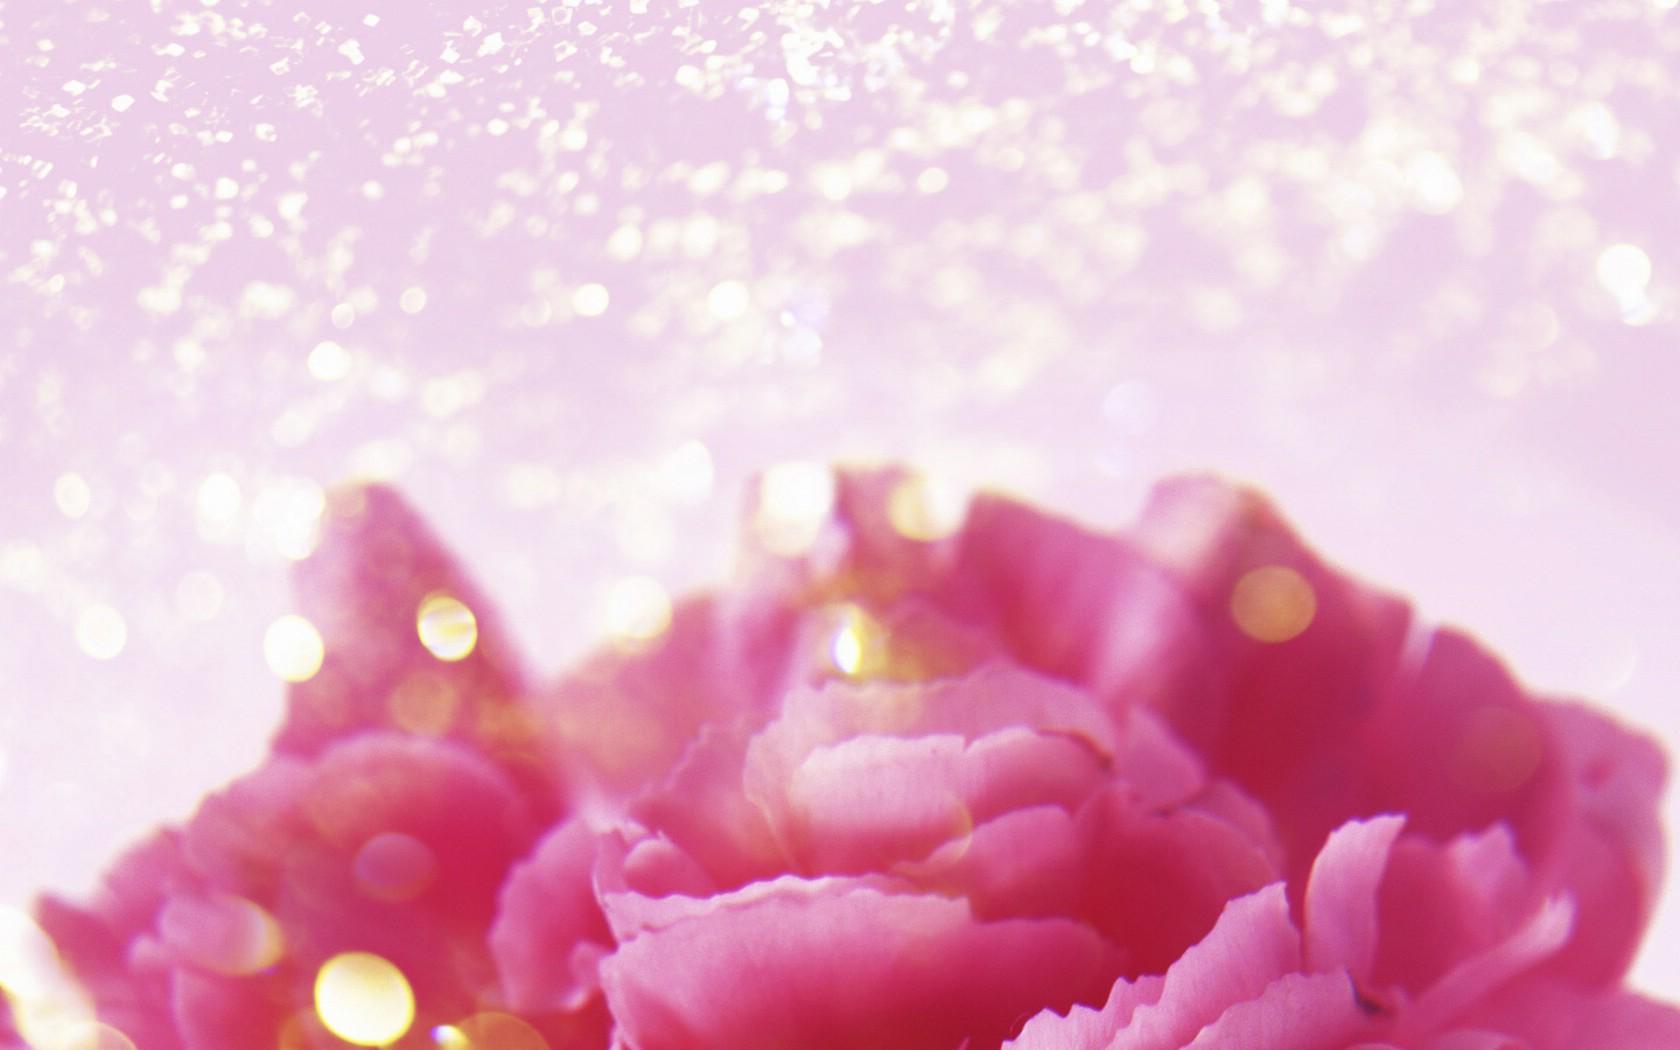 壁纸1680×1050朦胧花朵柔美 宽屏壁纸 壁纸73壁纸 朦胧花朵柔美 宽屏壁壁纸图片系统壁纸系统图片素材桌面壁纸